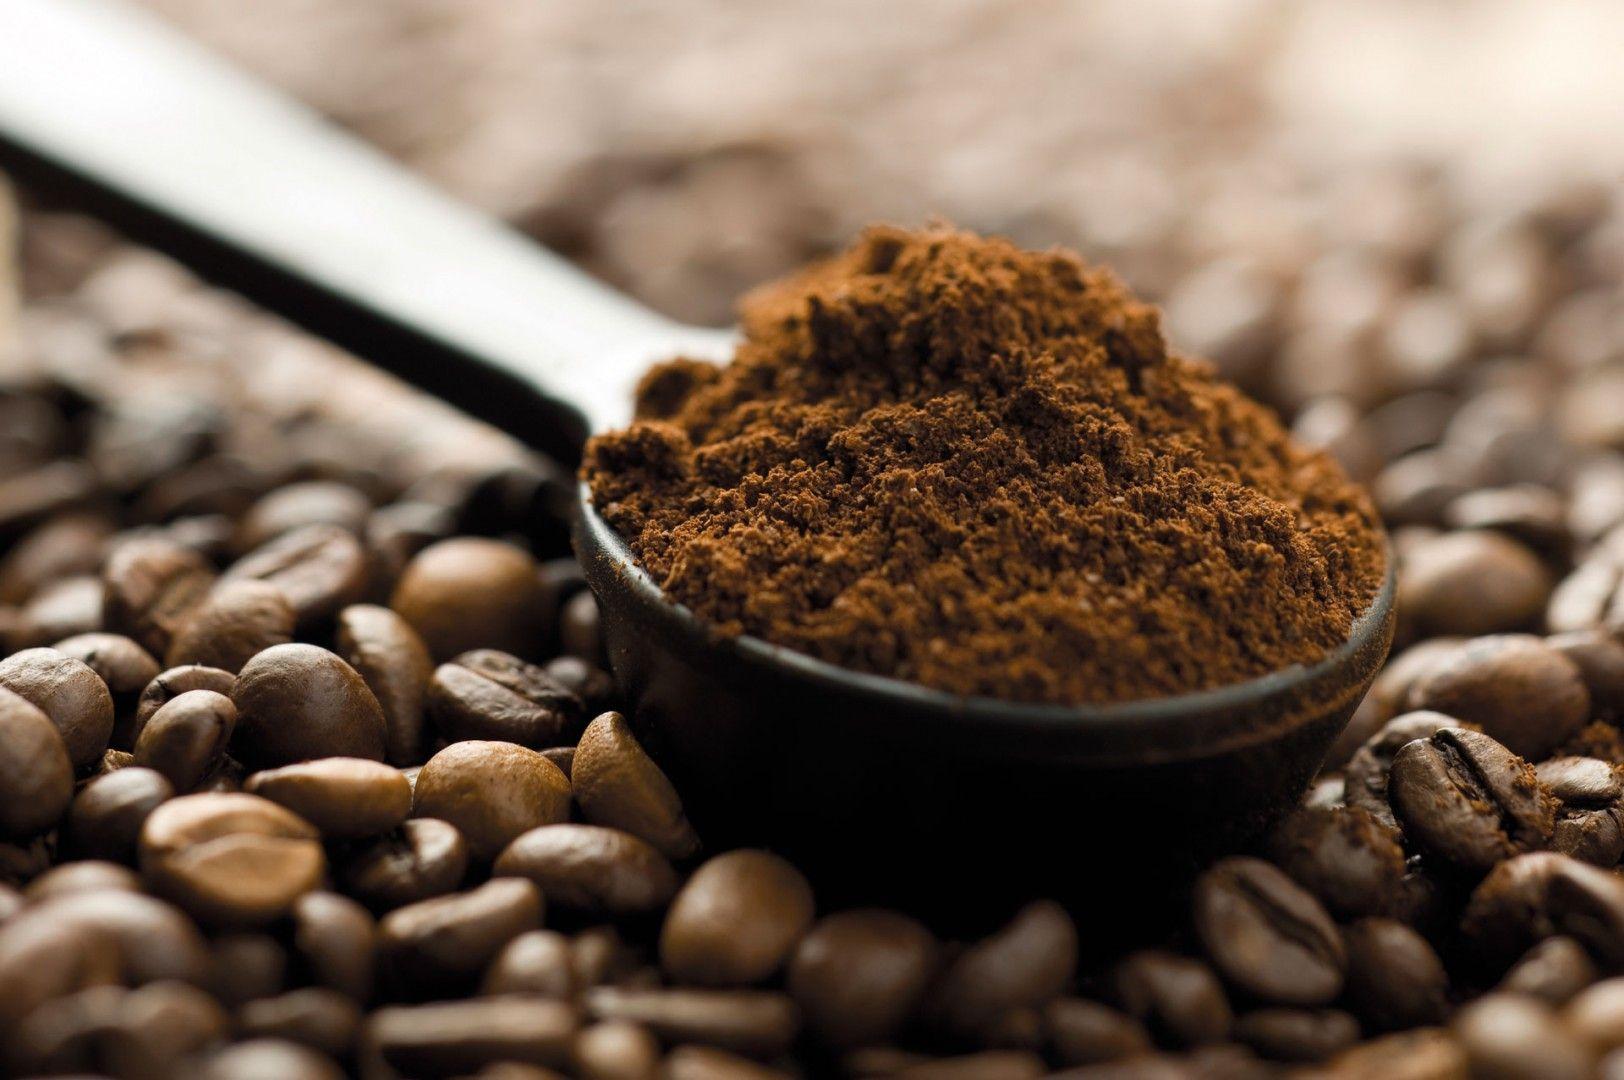 kaffeesatz kaffee wiederverwerten tipp garten sch nheit haare n tzliches pinterest. Black Bedroom Furniture Sets. Home Design Ideas